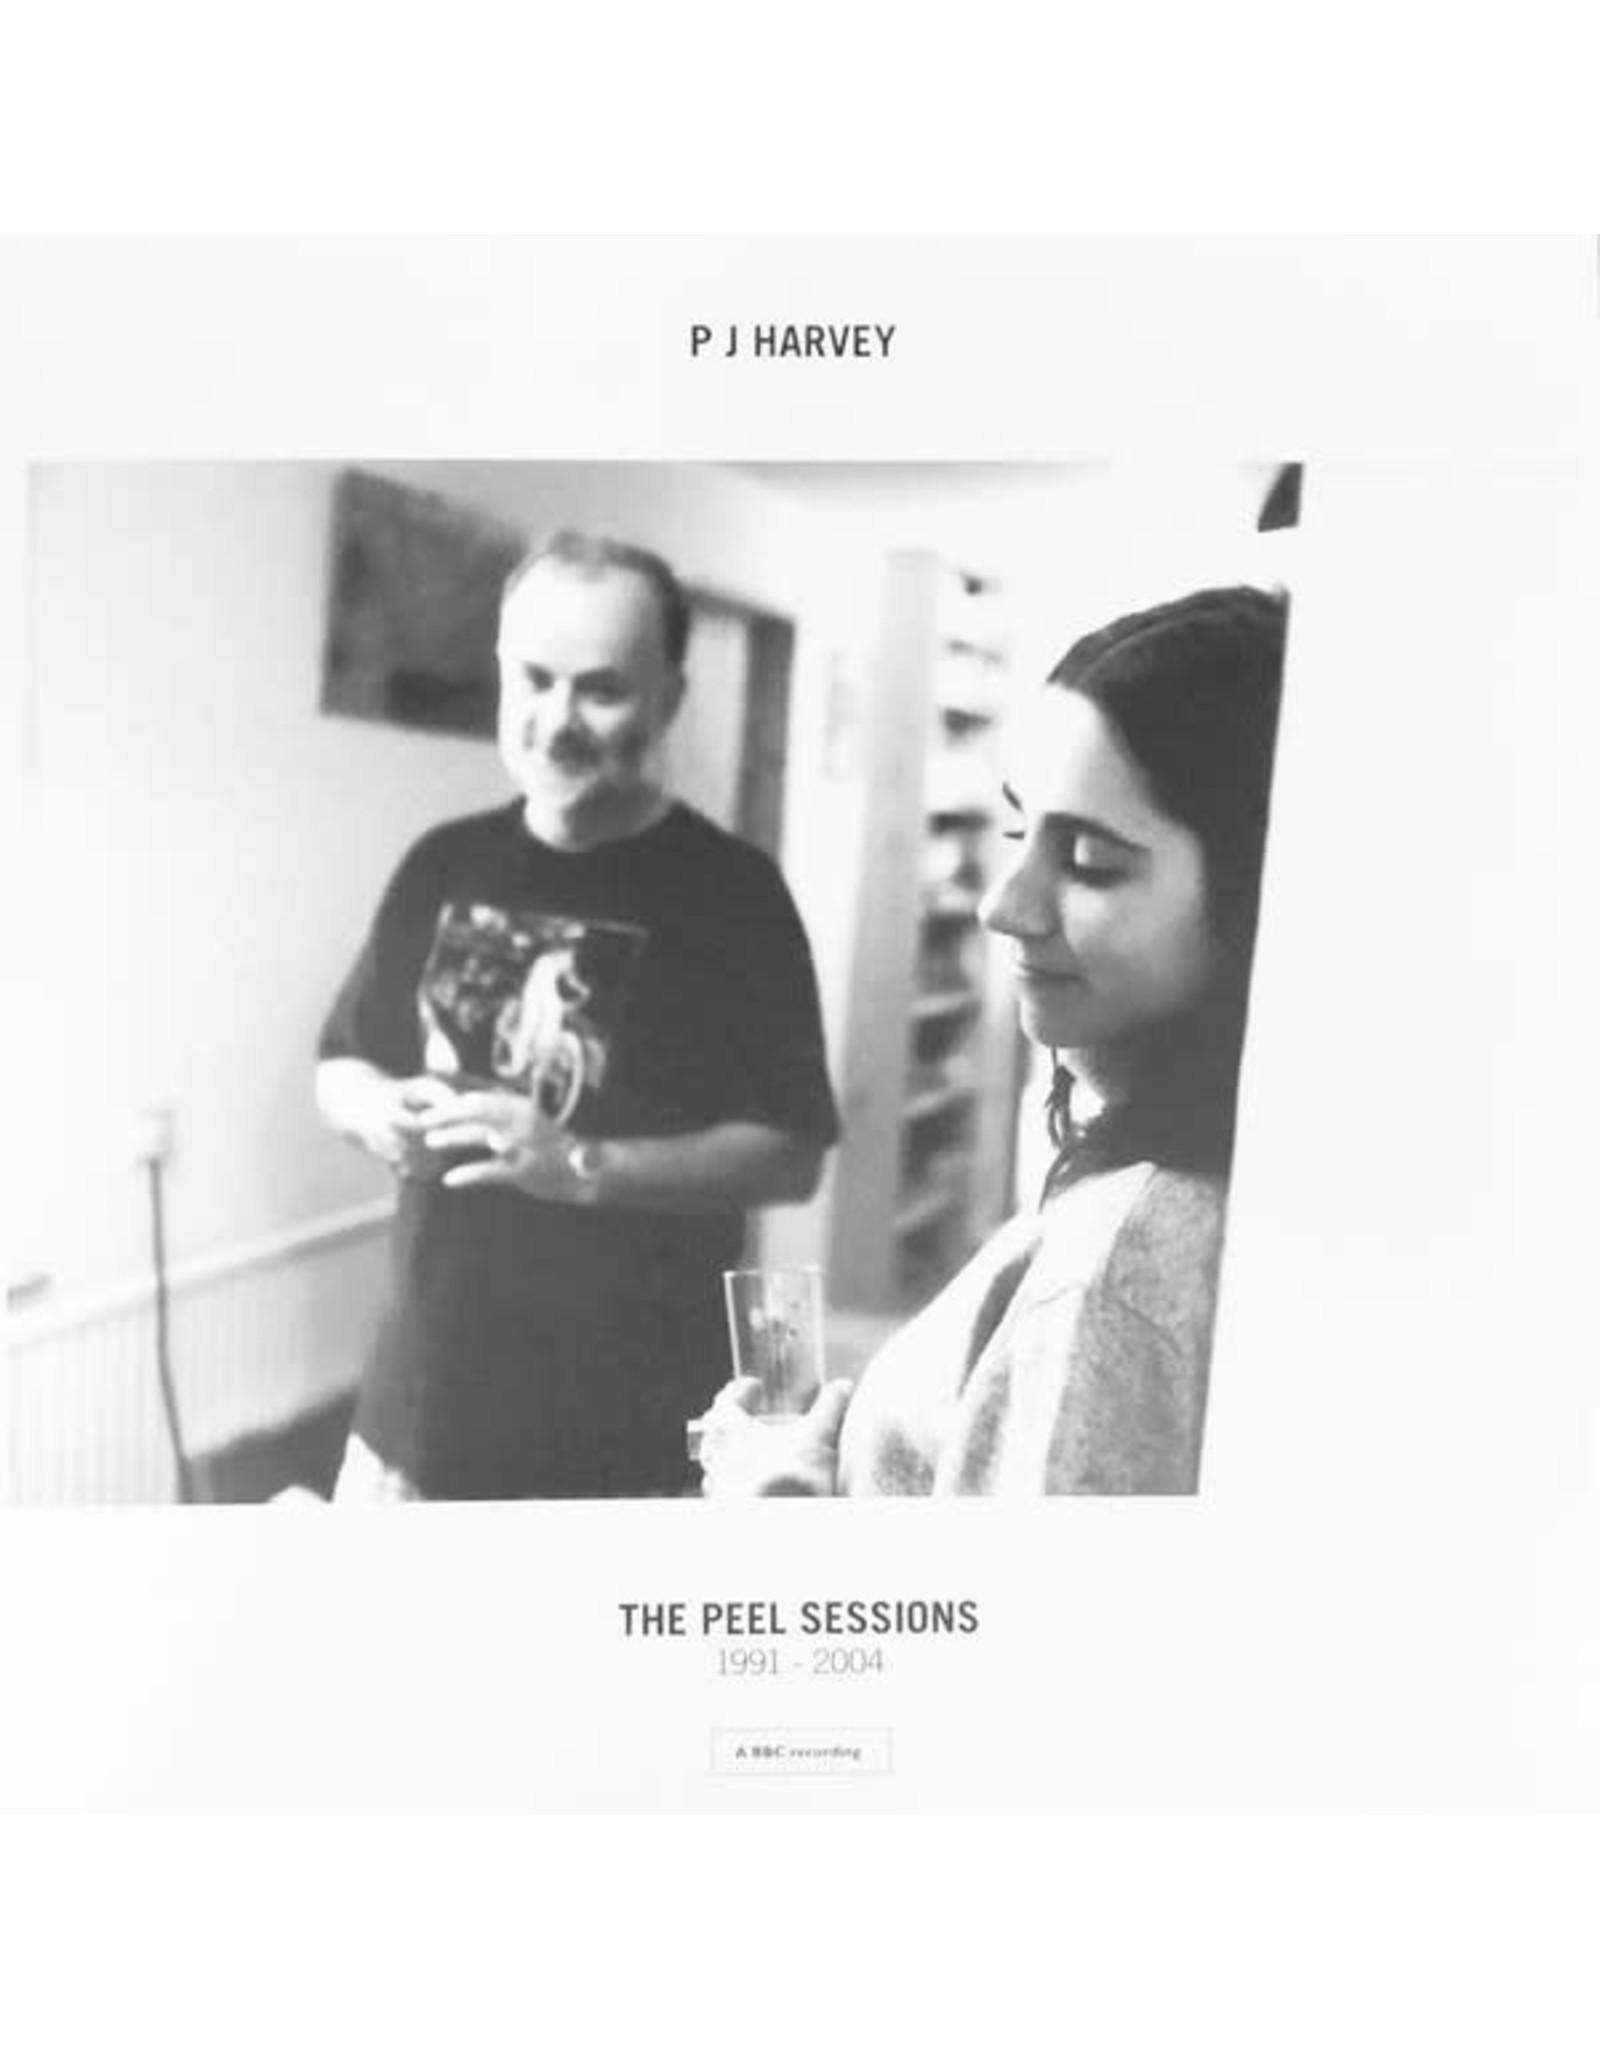 Harvey, P.J. - The Peel Sessions 1991-2004 LP 180G